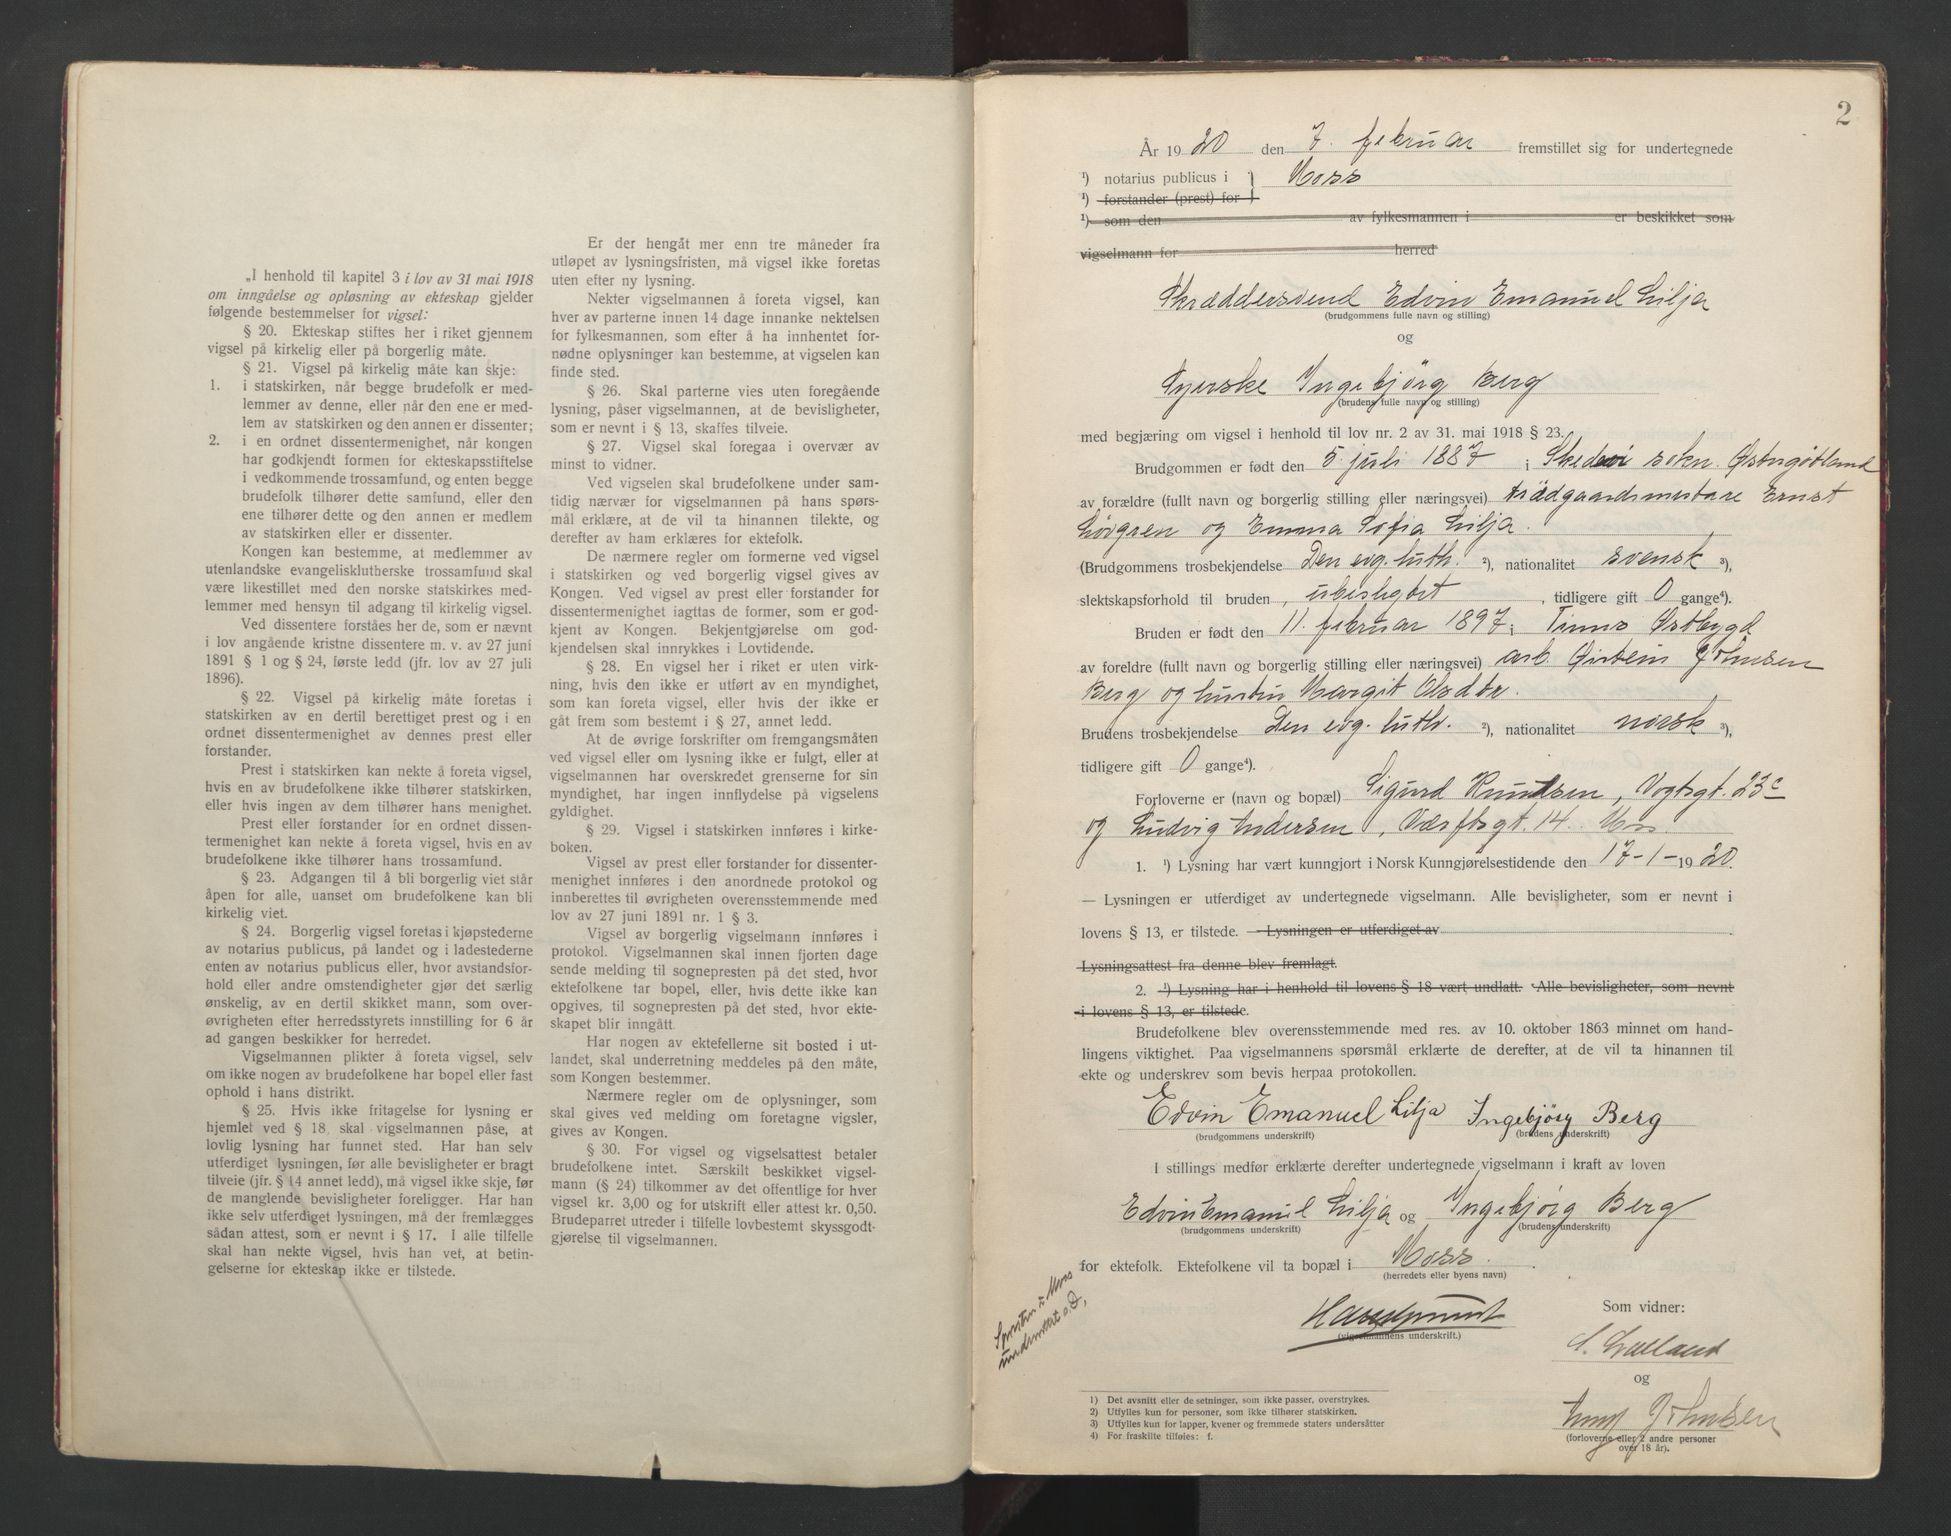 SAO, Moss byfogd, L/Lb/L0003: Vigselsbok, 1920-1932, s. 2